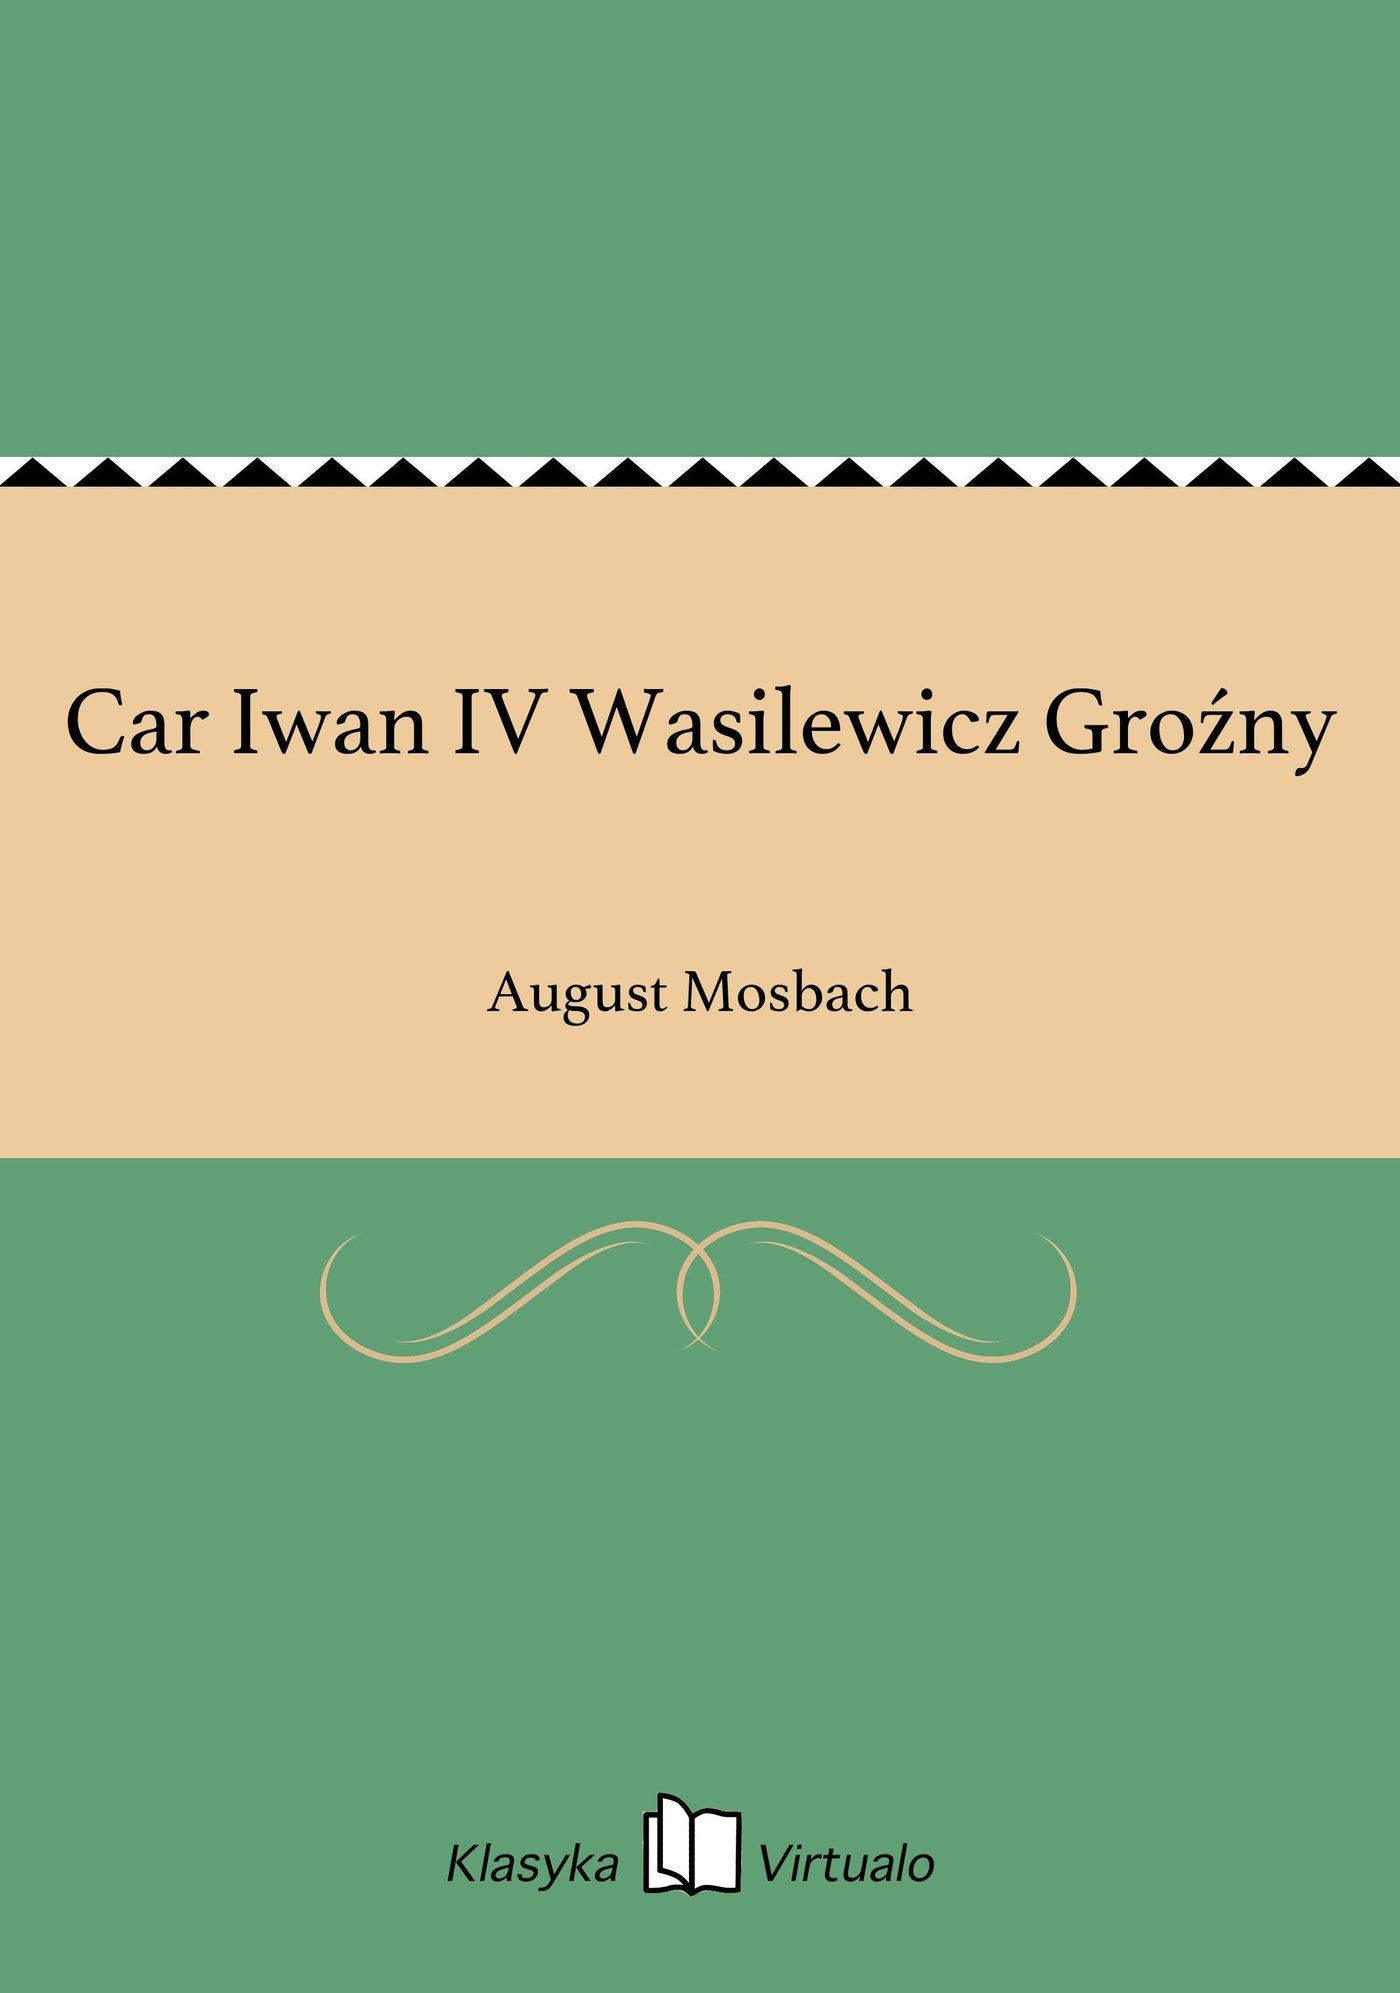 Car Iwan IV Wasilewicz Groźny - Ebook (Książka na Kindle) do pobrania w formacie MOBI